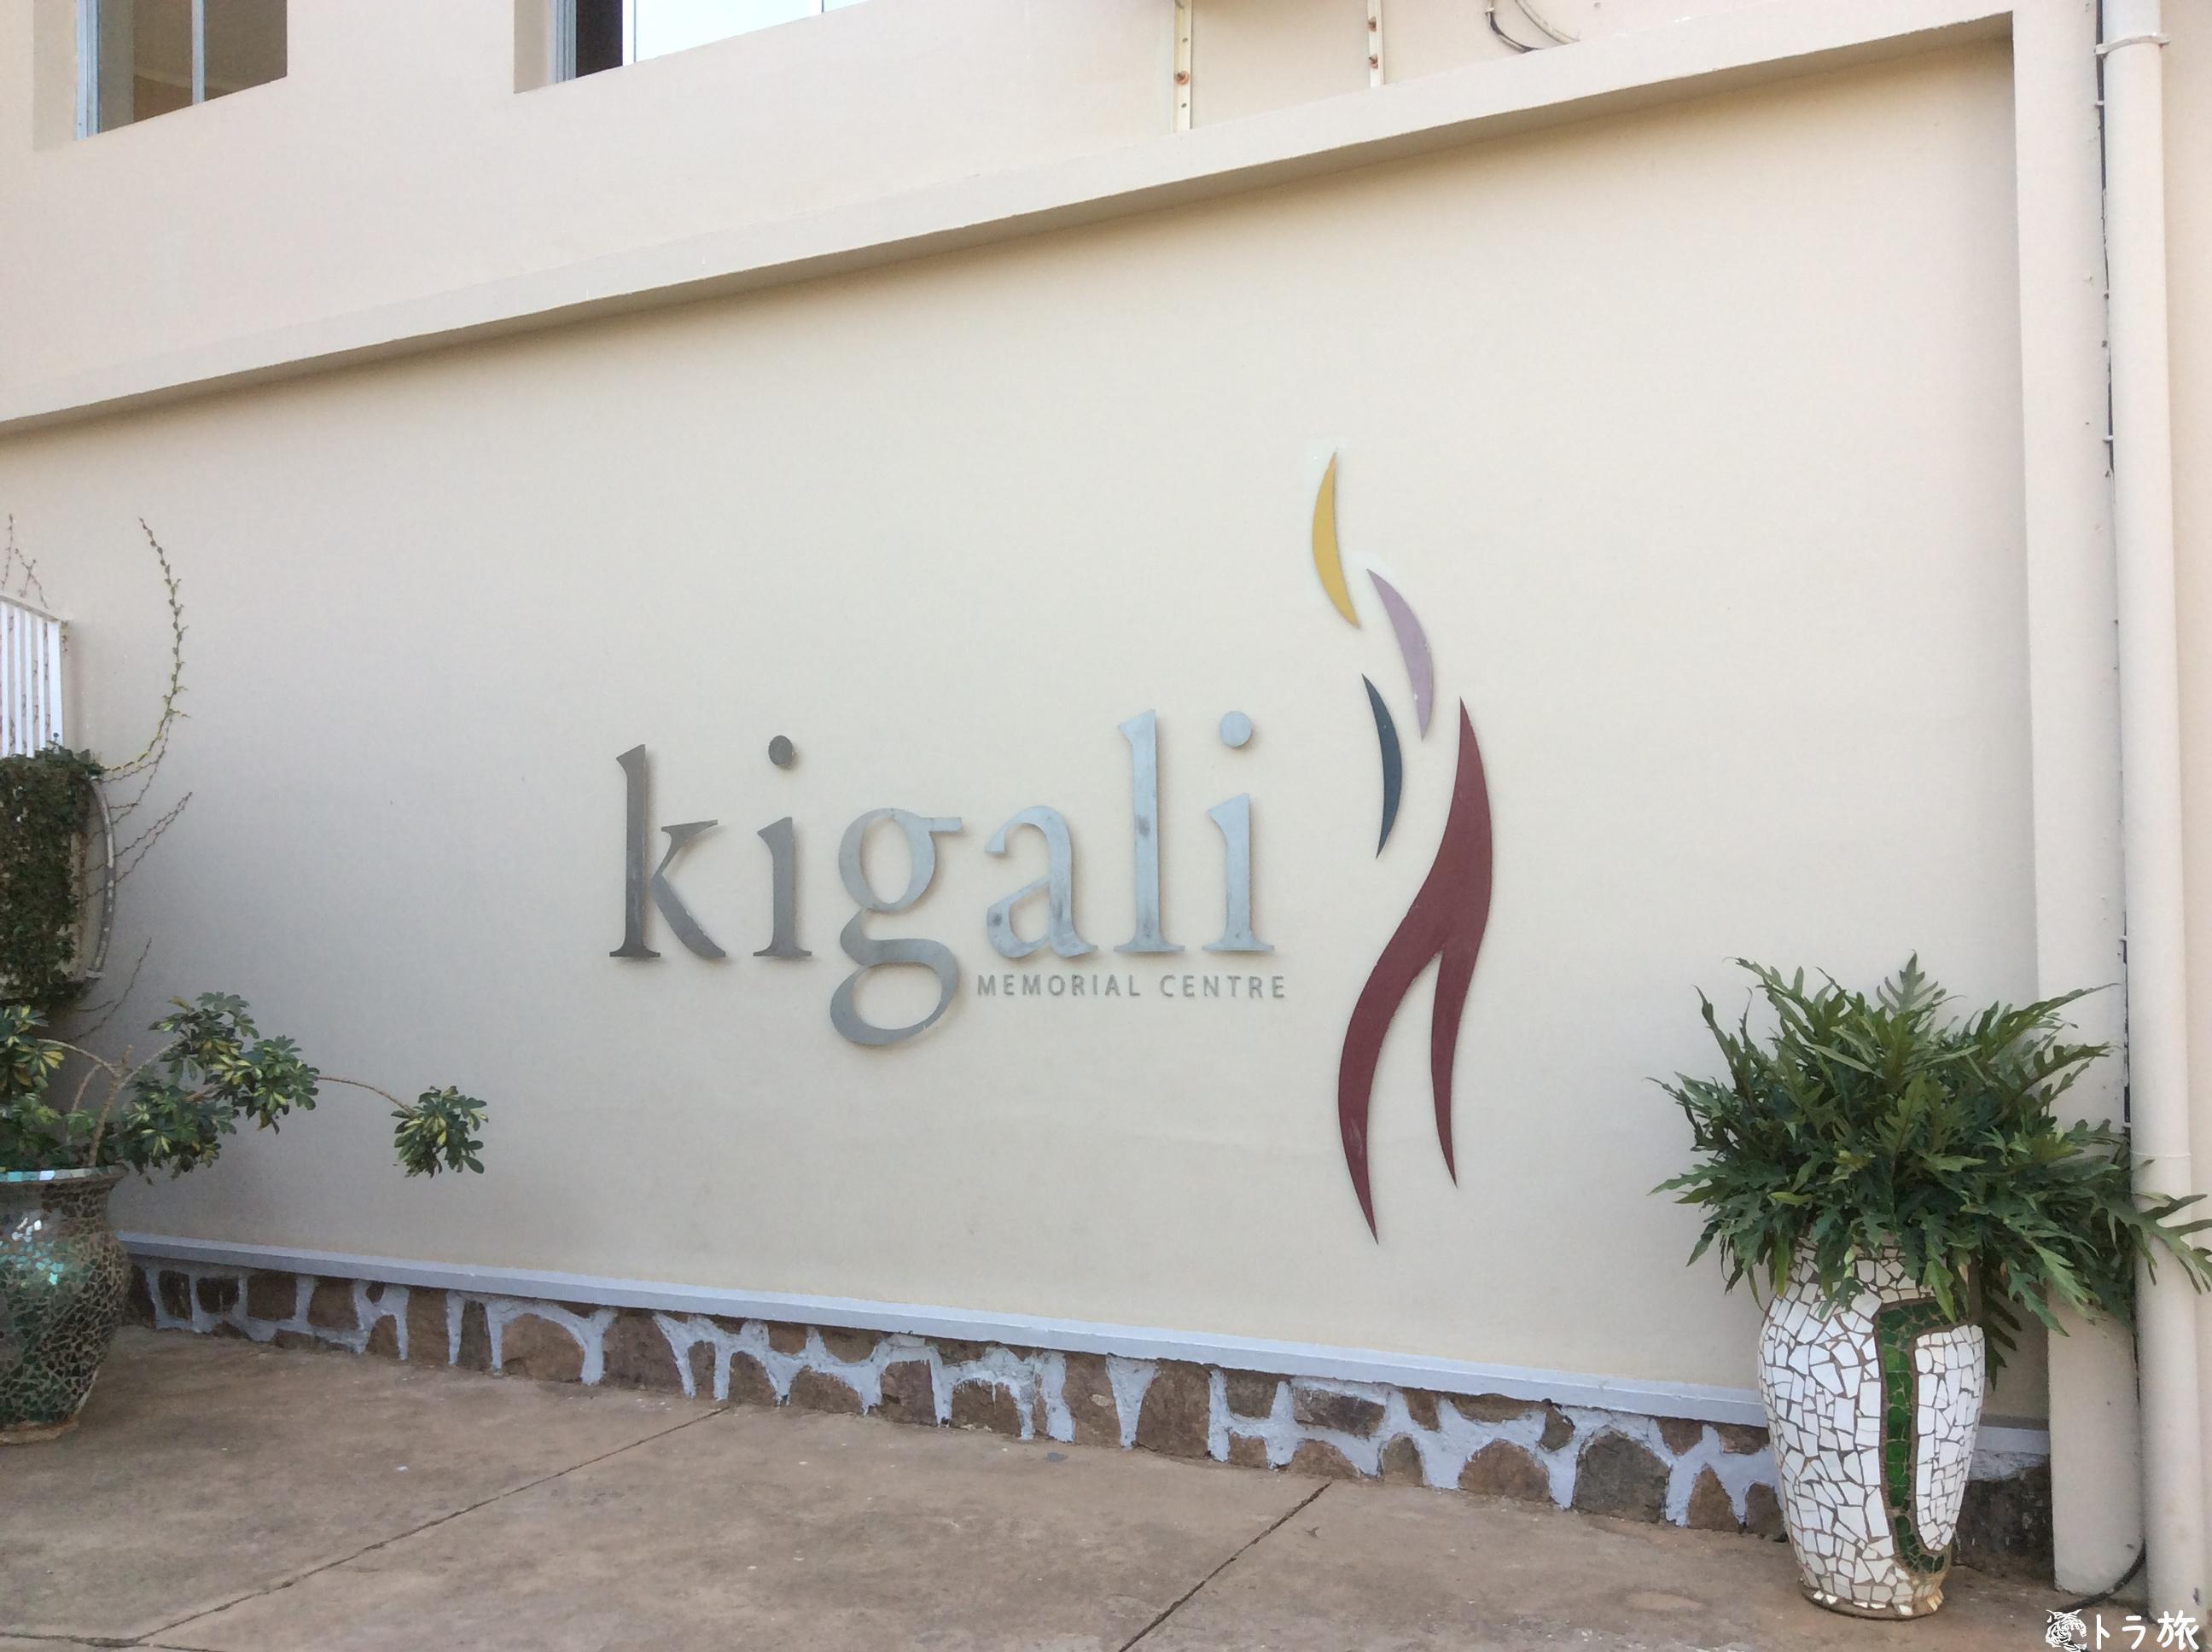 【キガリ】ルワンダ虐殺、言葉にすることができない悲惨な出来事